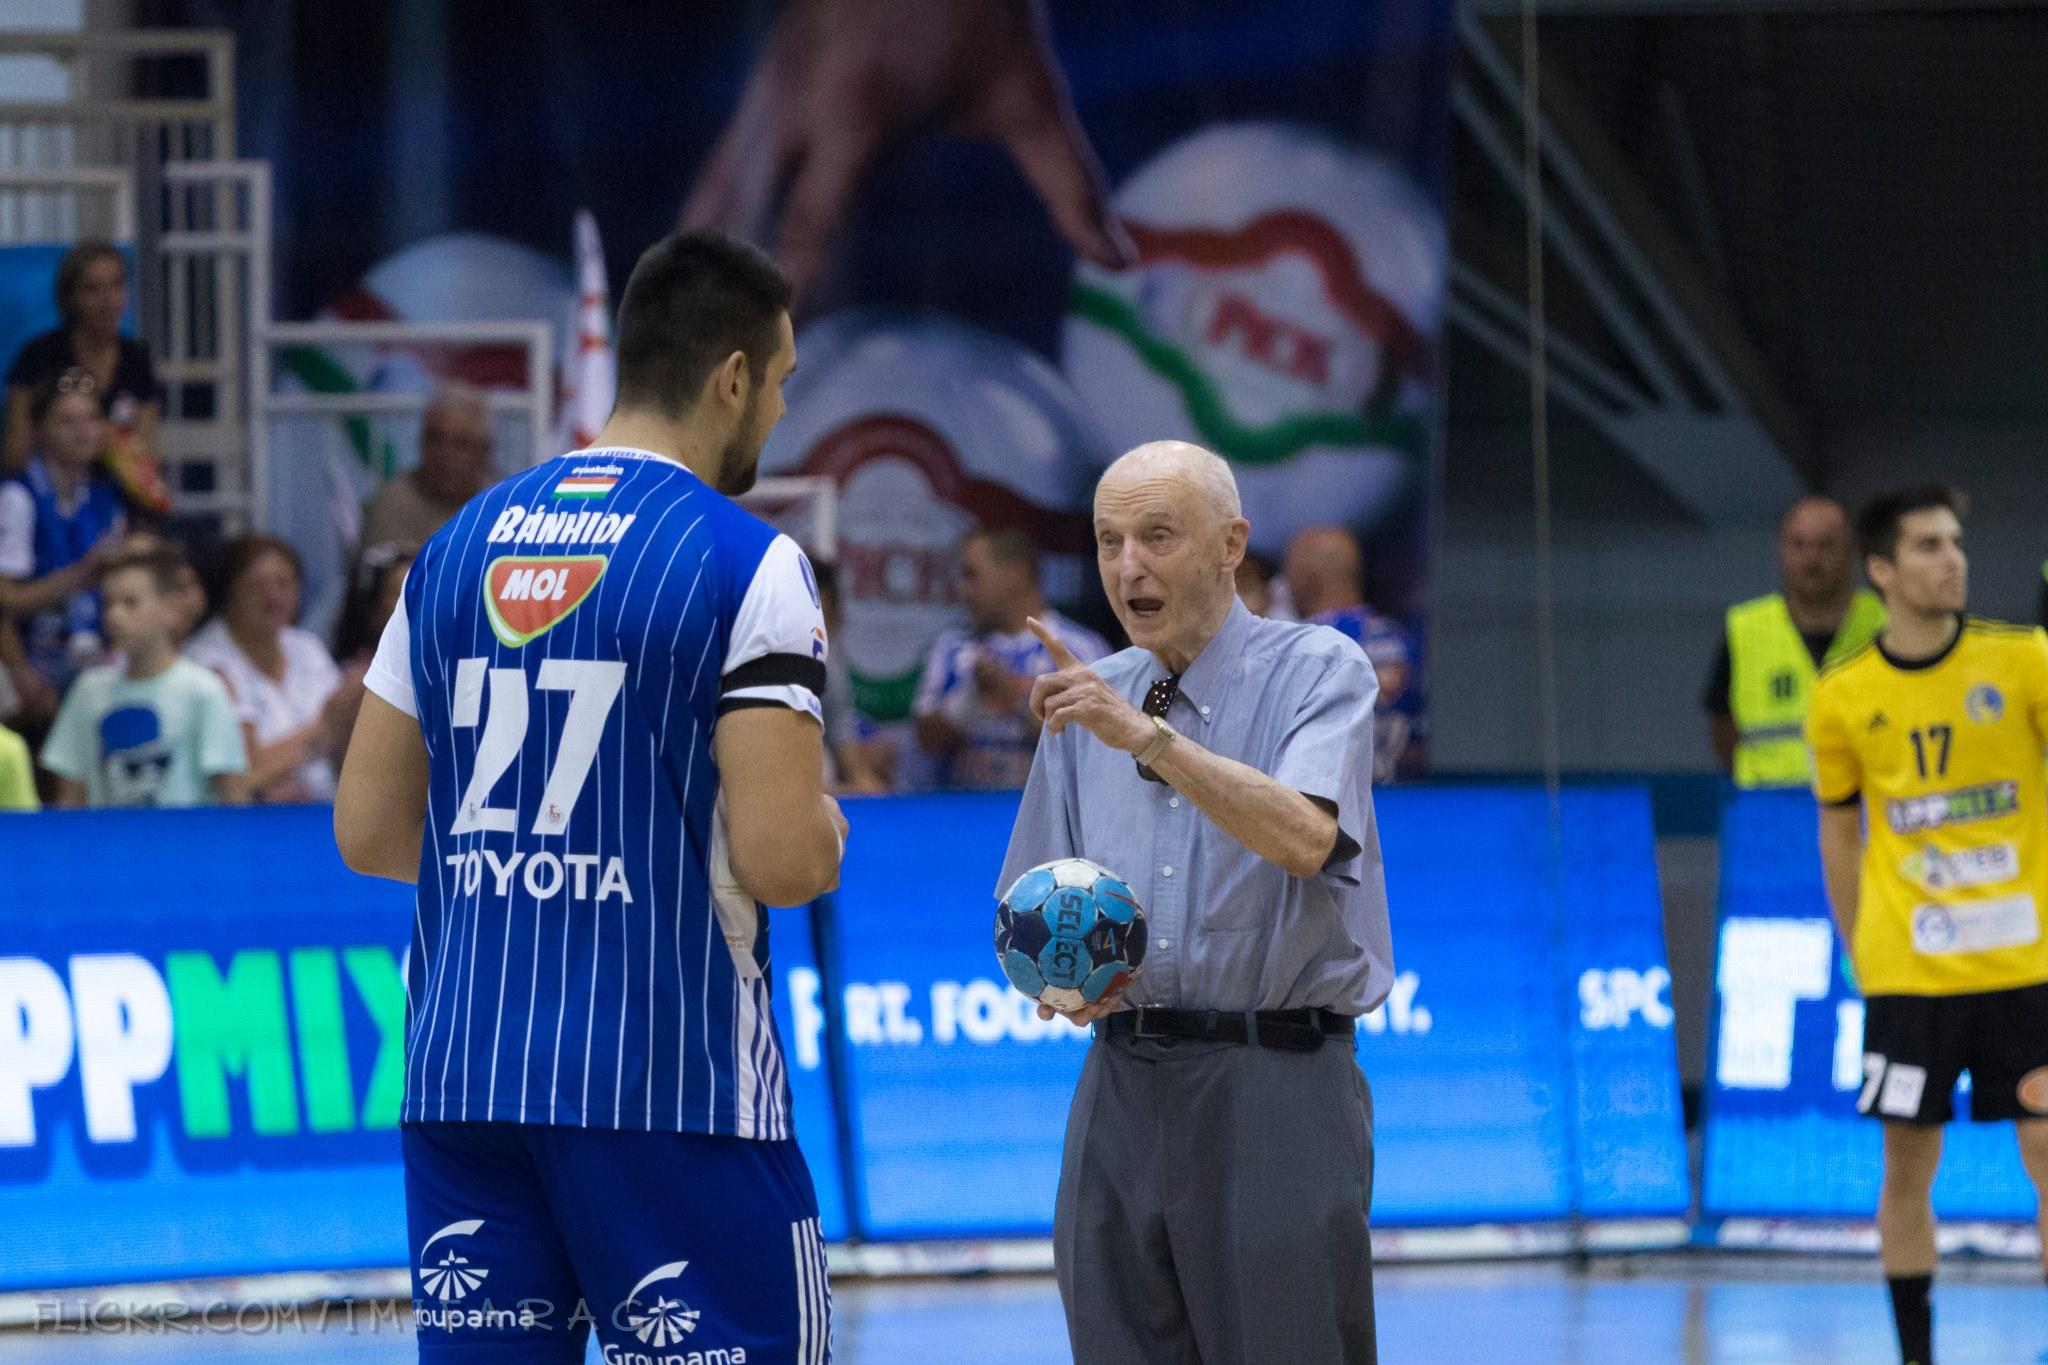 Bérczy Mihály indította el a szezont